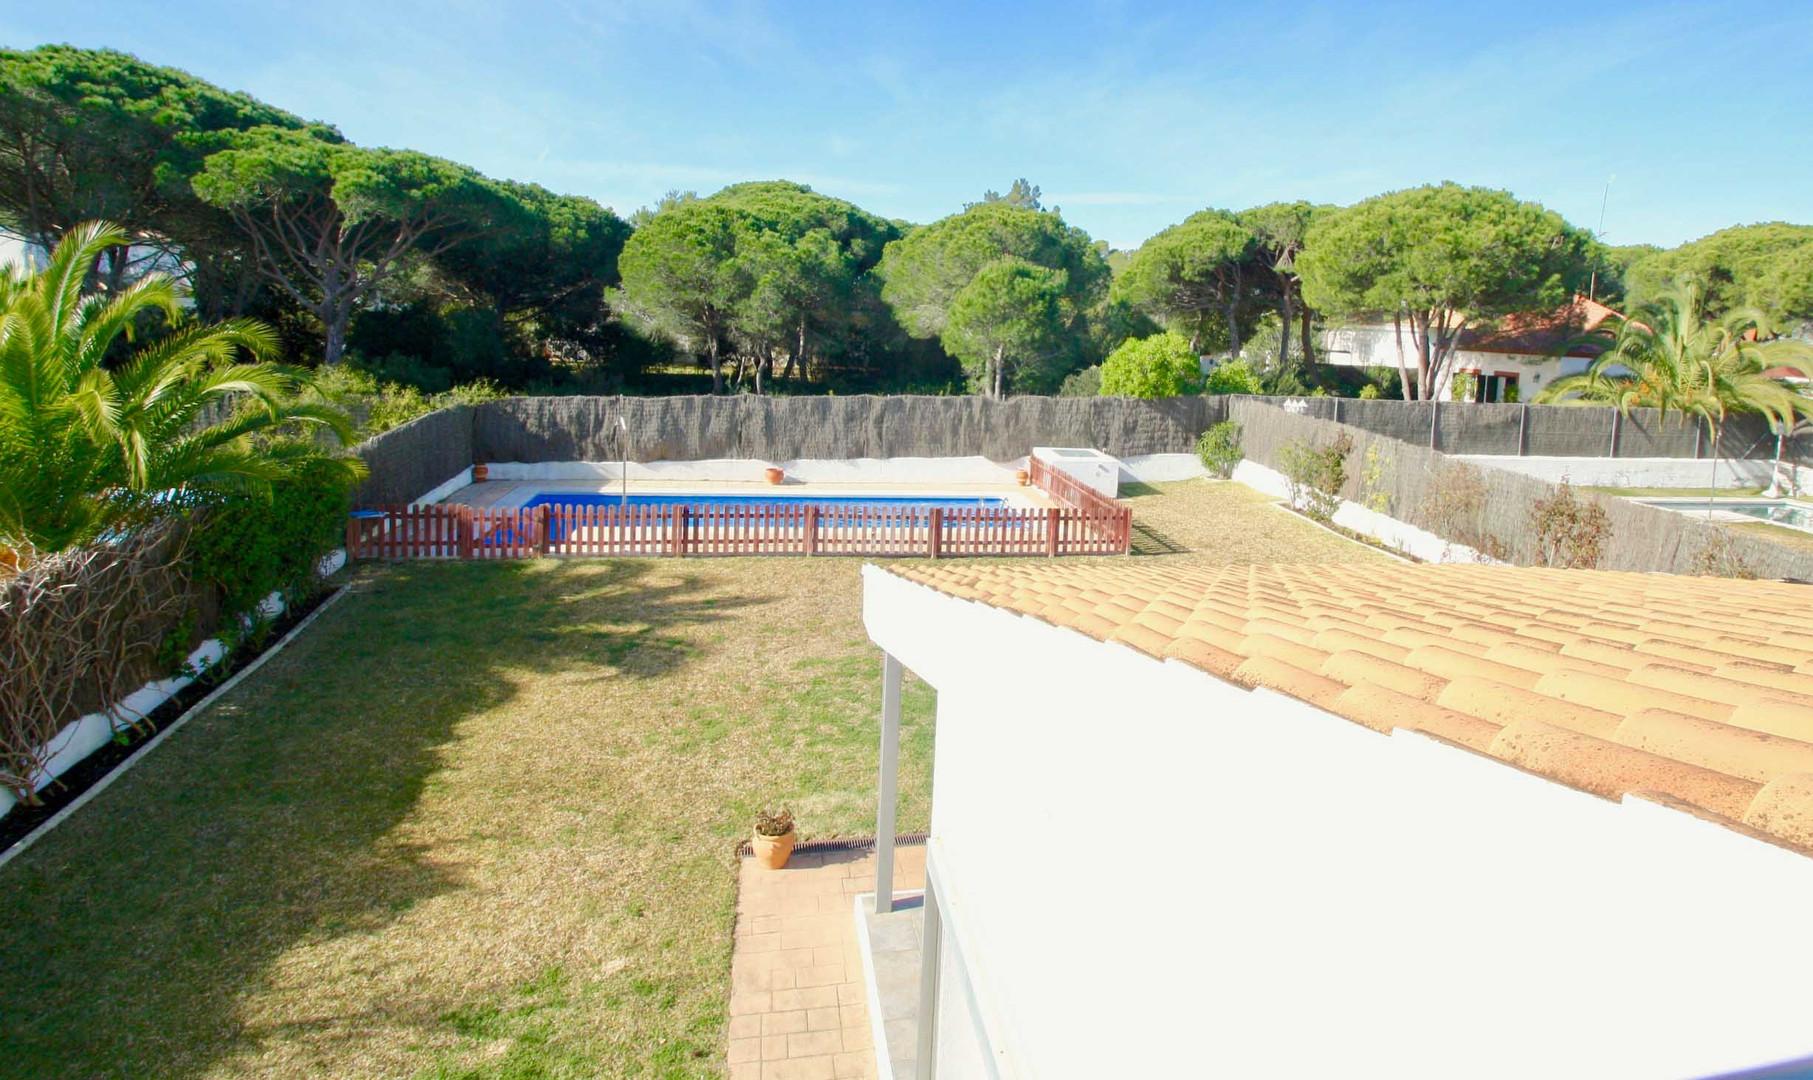 Blick auf den Pool und Garten